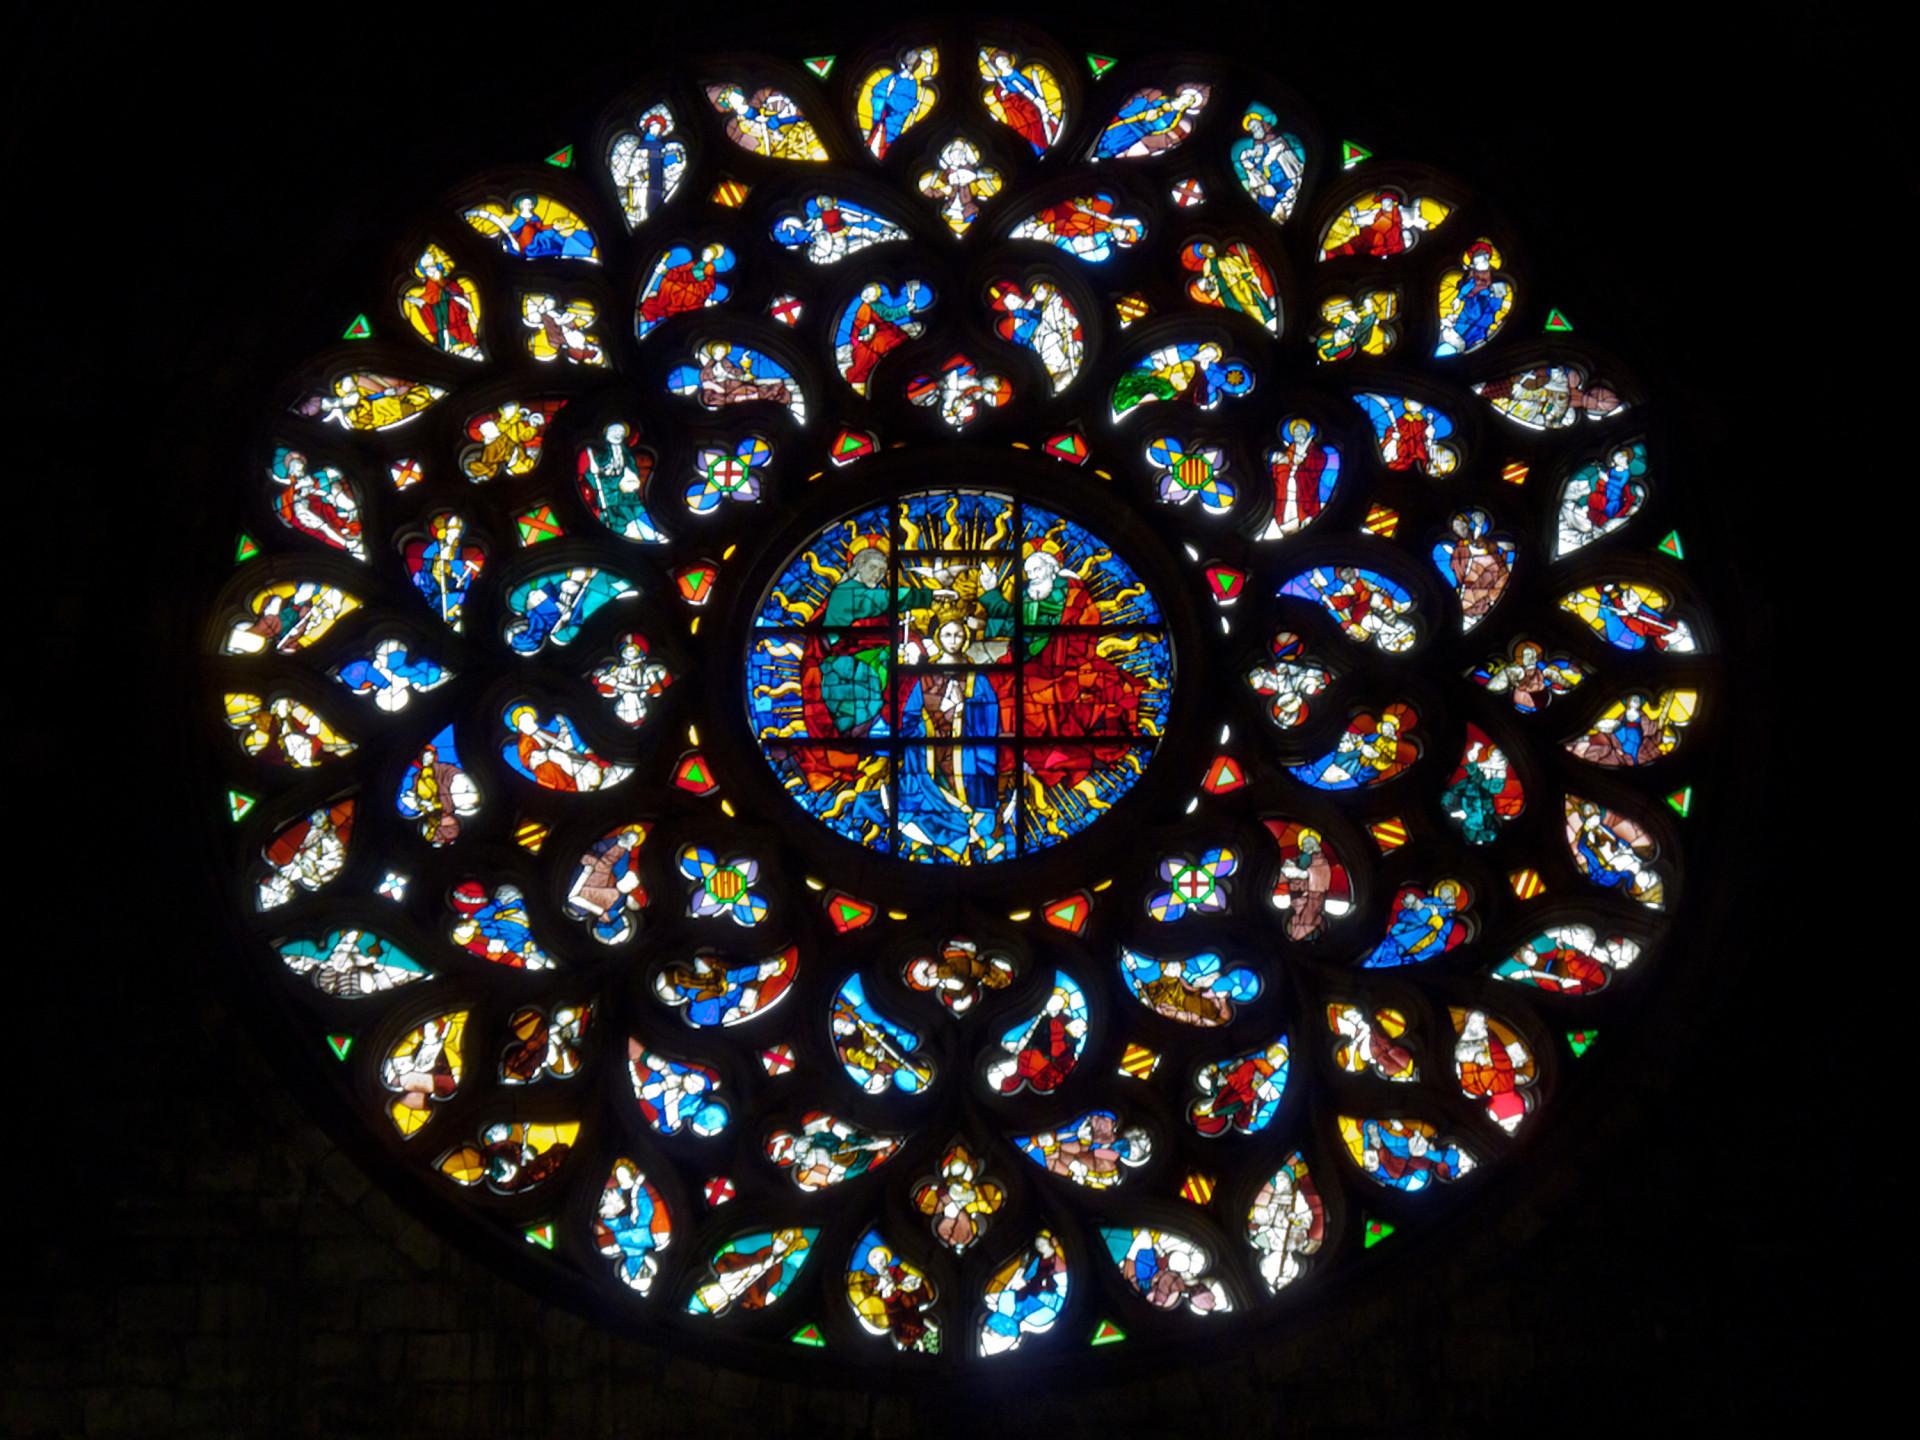 Vitrais: As magníficas obras de arte em vidro por todo o mundo